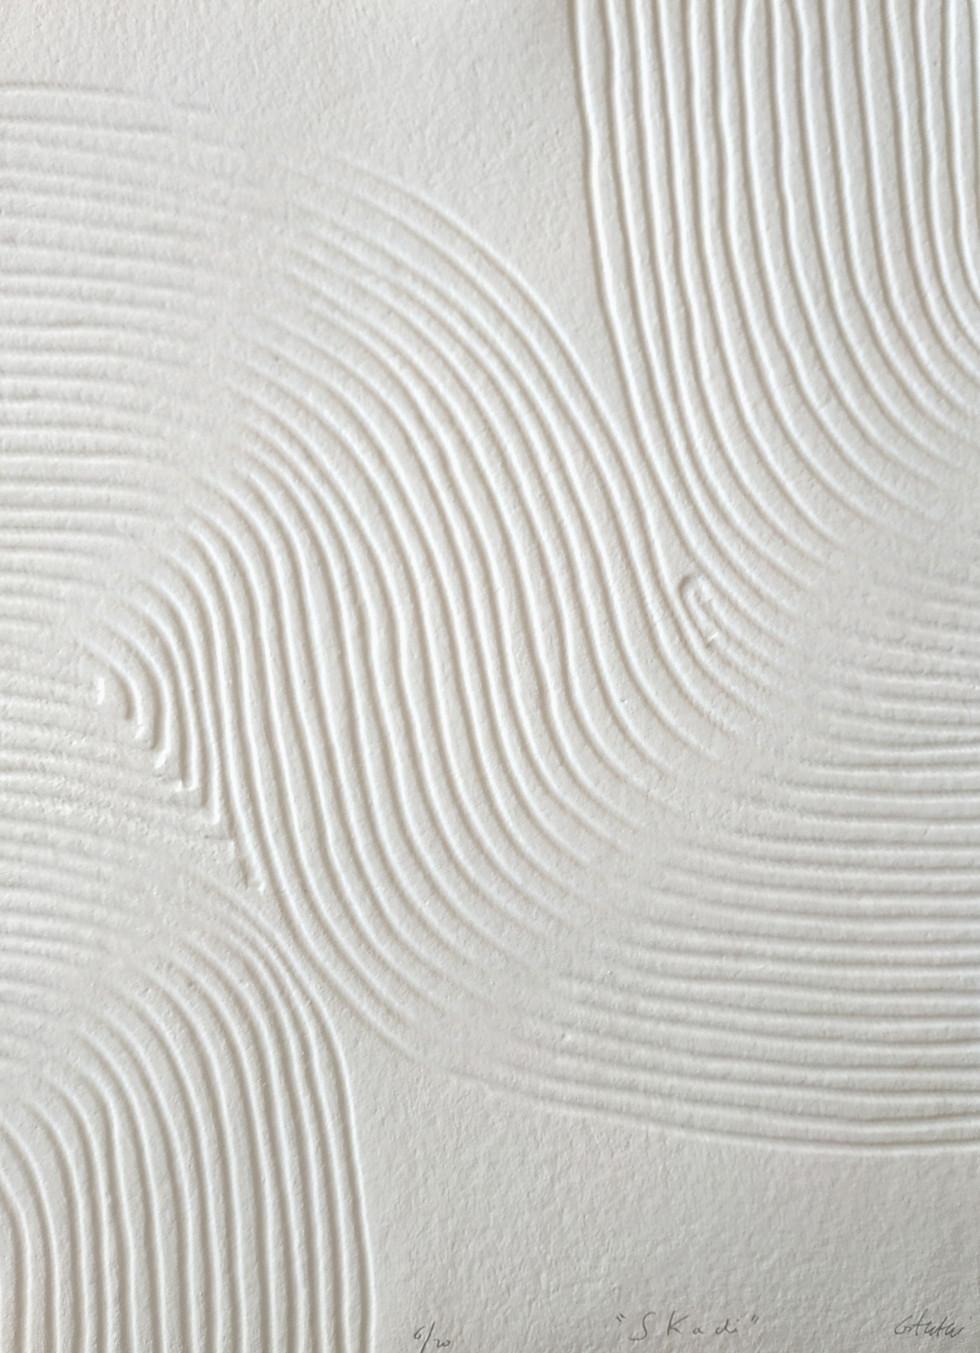 Skadi Papierreliefabdruck, 20 Ex., 77 x 56 cm, verso sign. & num.